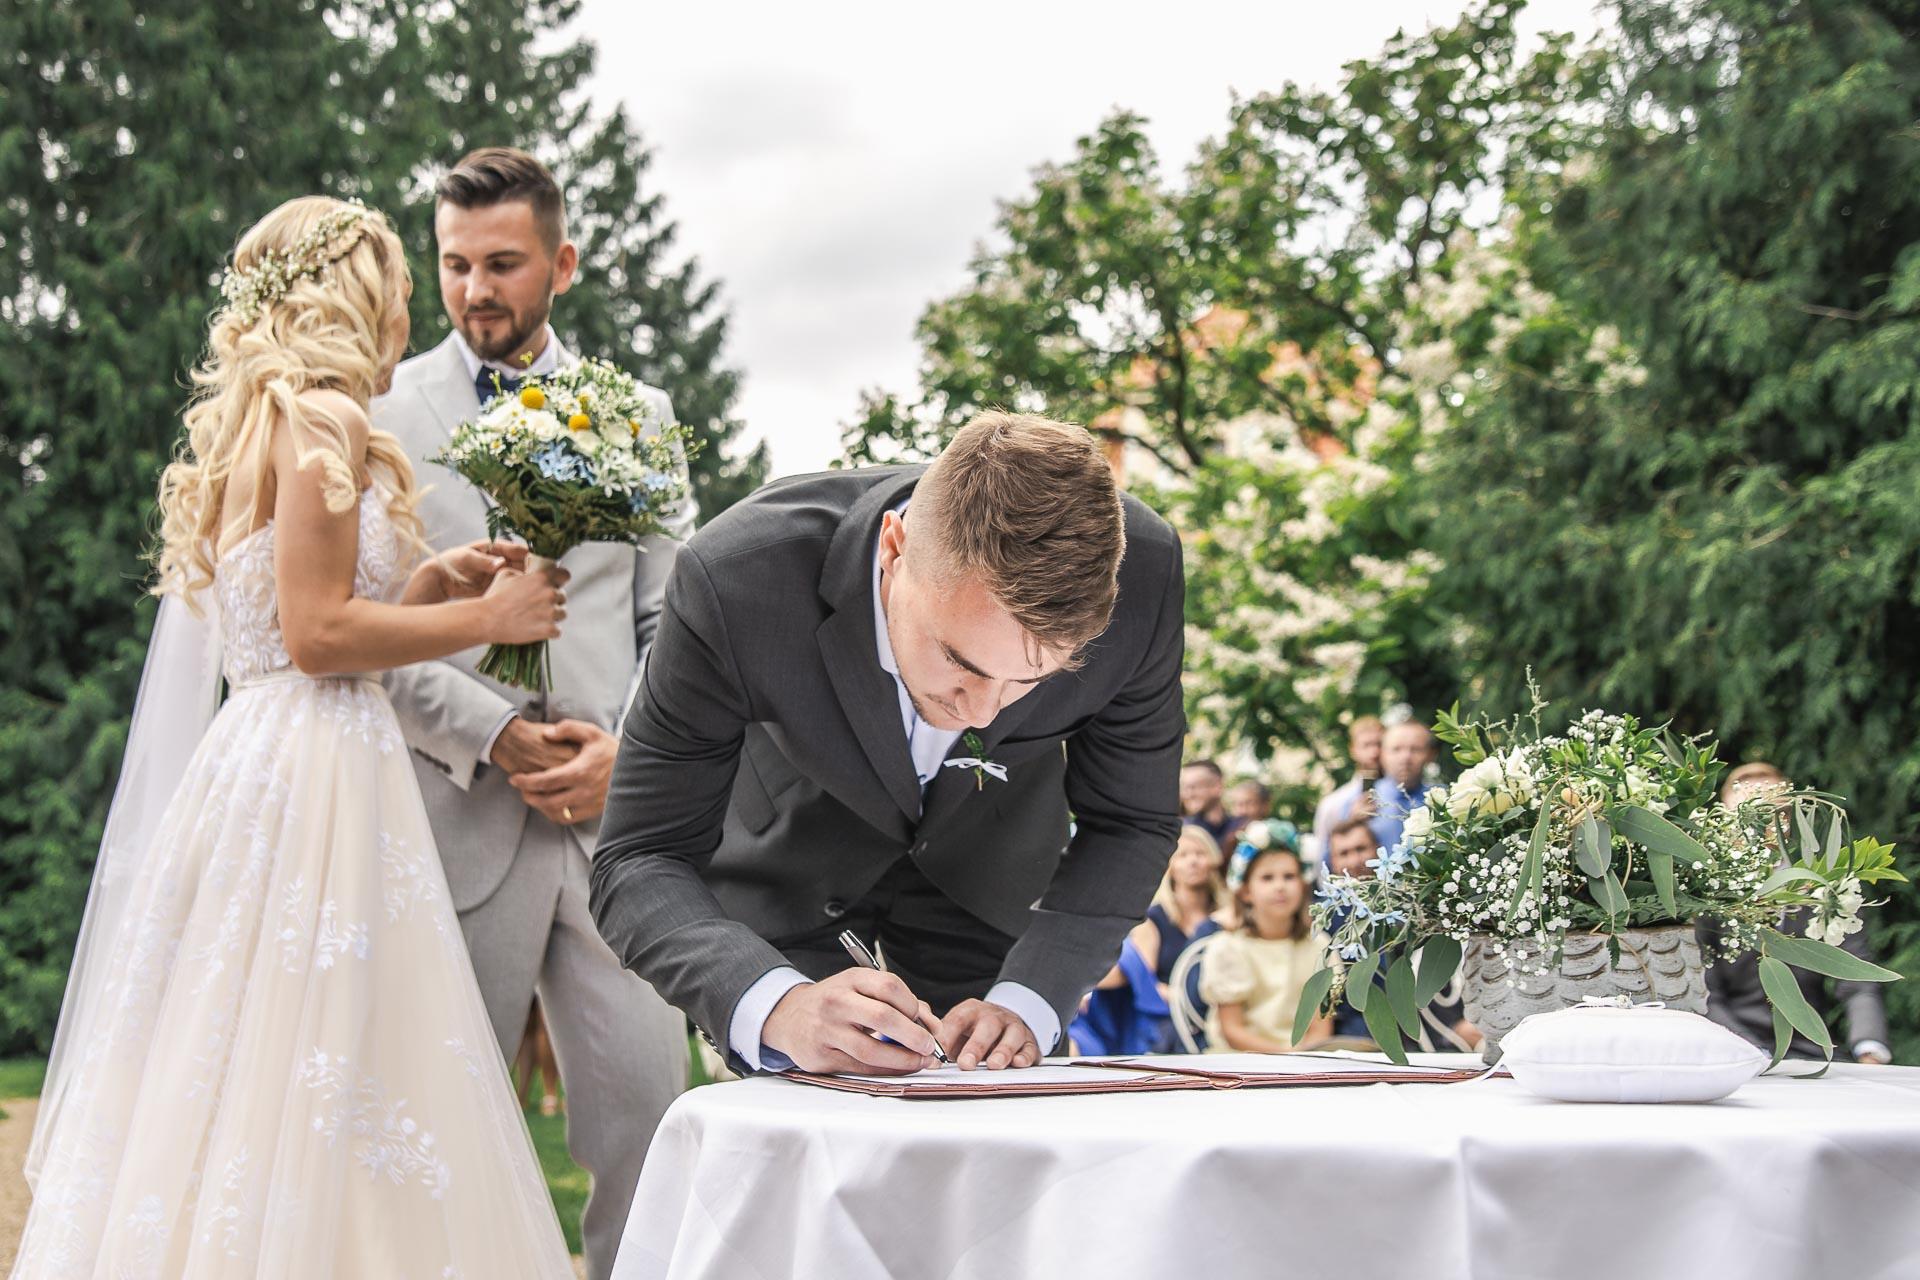 svatební-fotograf-zámek-Loučeň-svatební-video-zámek-Loučeň-3680